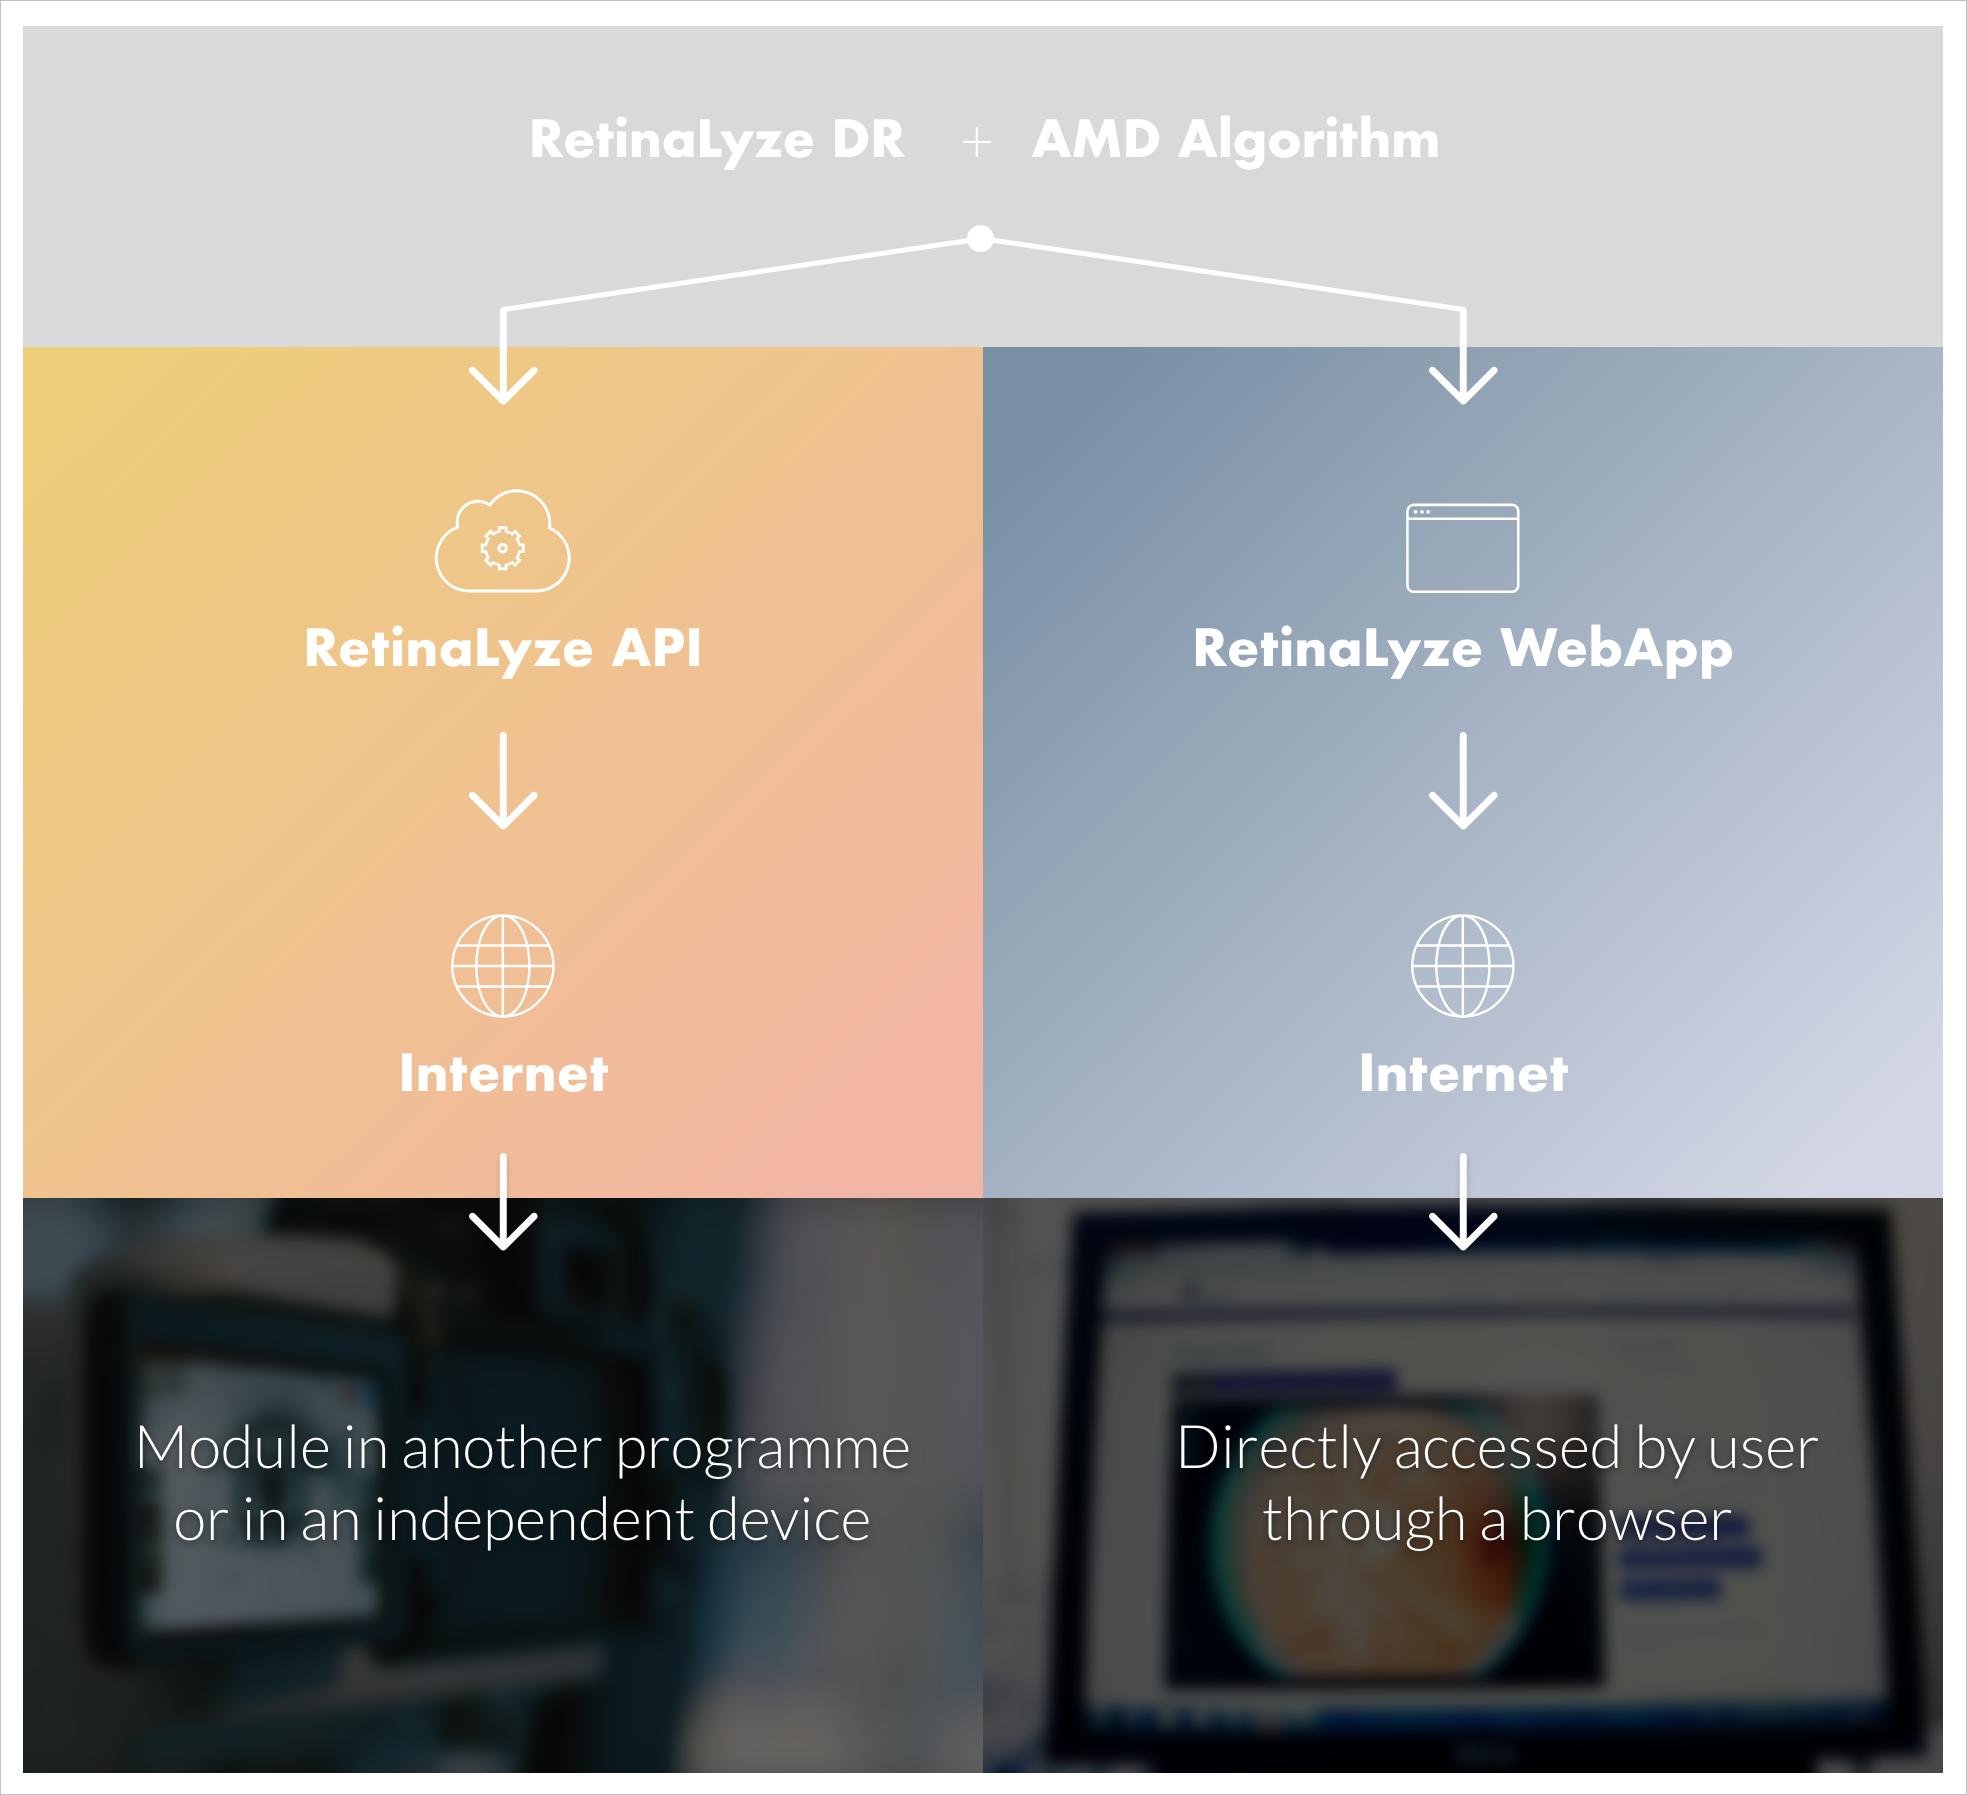 RetinaLyze API